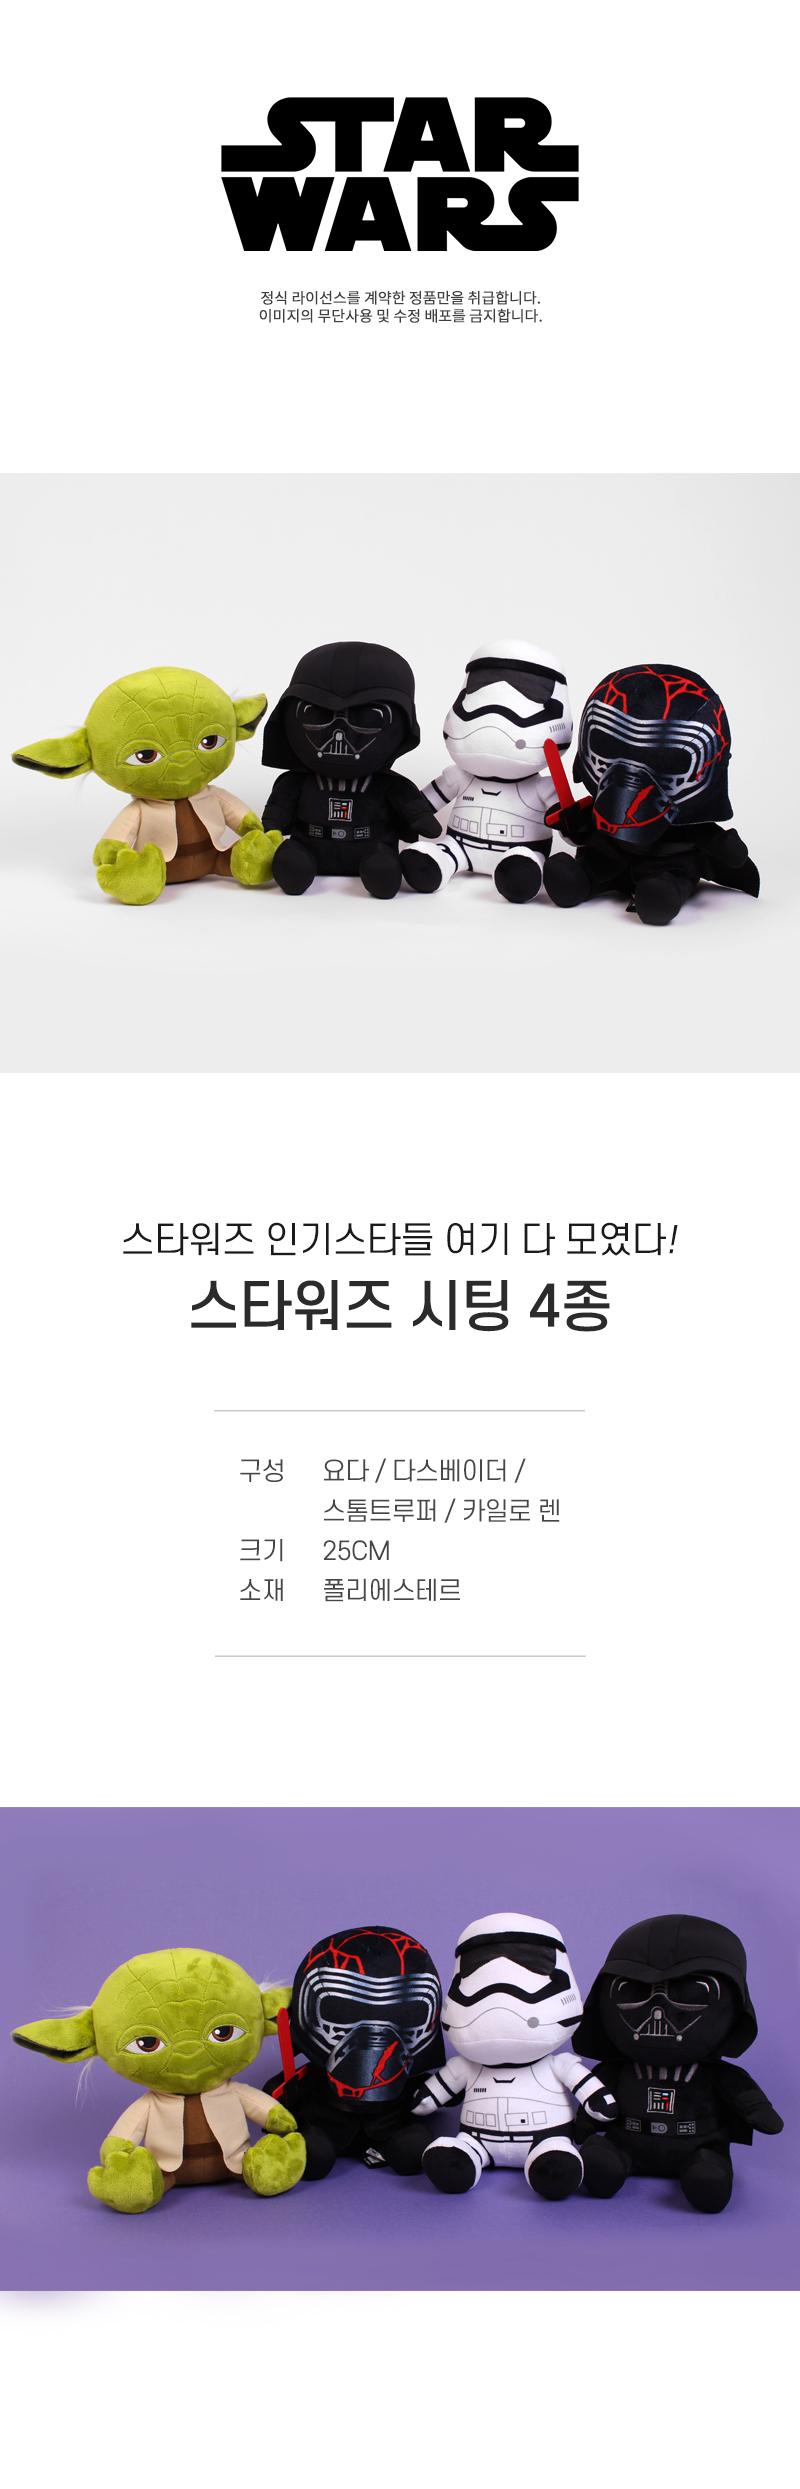 스타워즈 요다 시팅 25CM 봉제인형 - (주) 이젠크리에이션, 15,500원, 캐릭터인형, 기타 캐릭터 인형